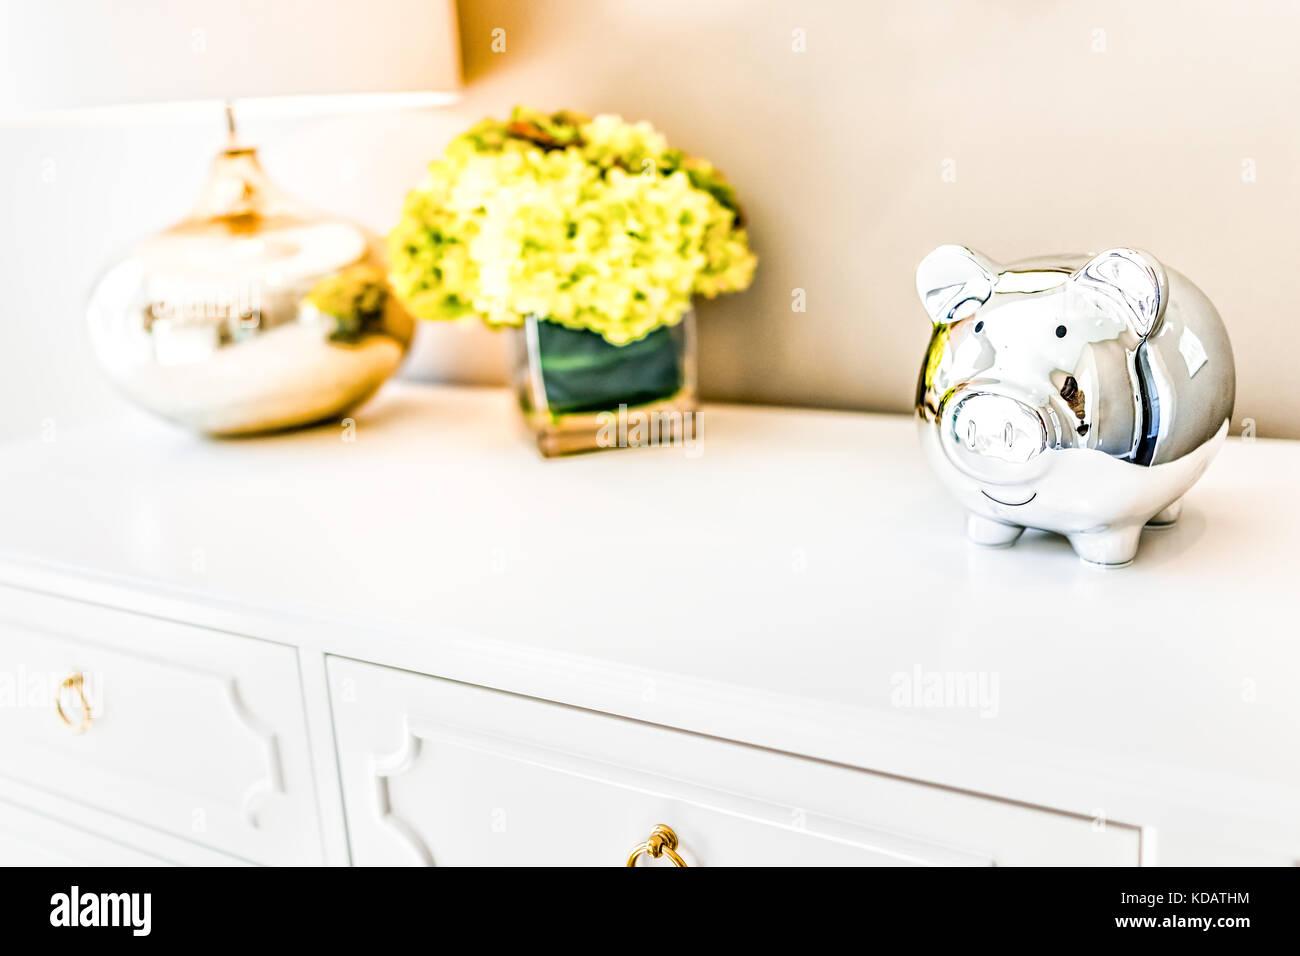 Nahaufnahme Des Modernen Hellen Holzmöbeln Brust Schublade Im Schlafzimmer  Mit Natürlichem Licht In Der Inszenierung Heim, Haus Wohnung Modell Mit ...